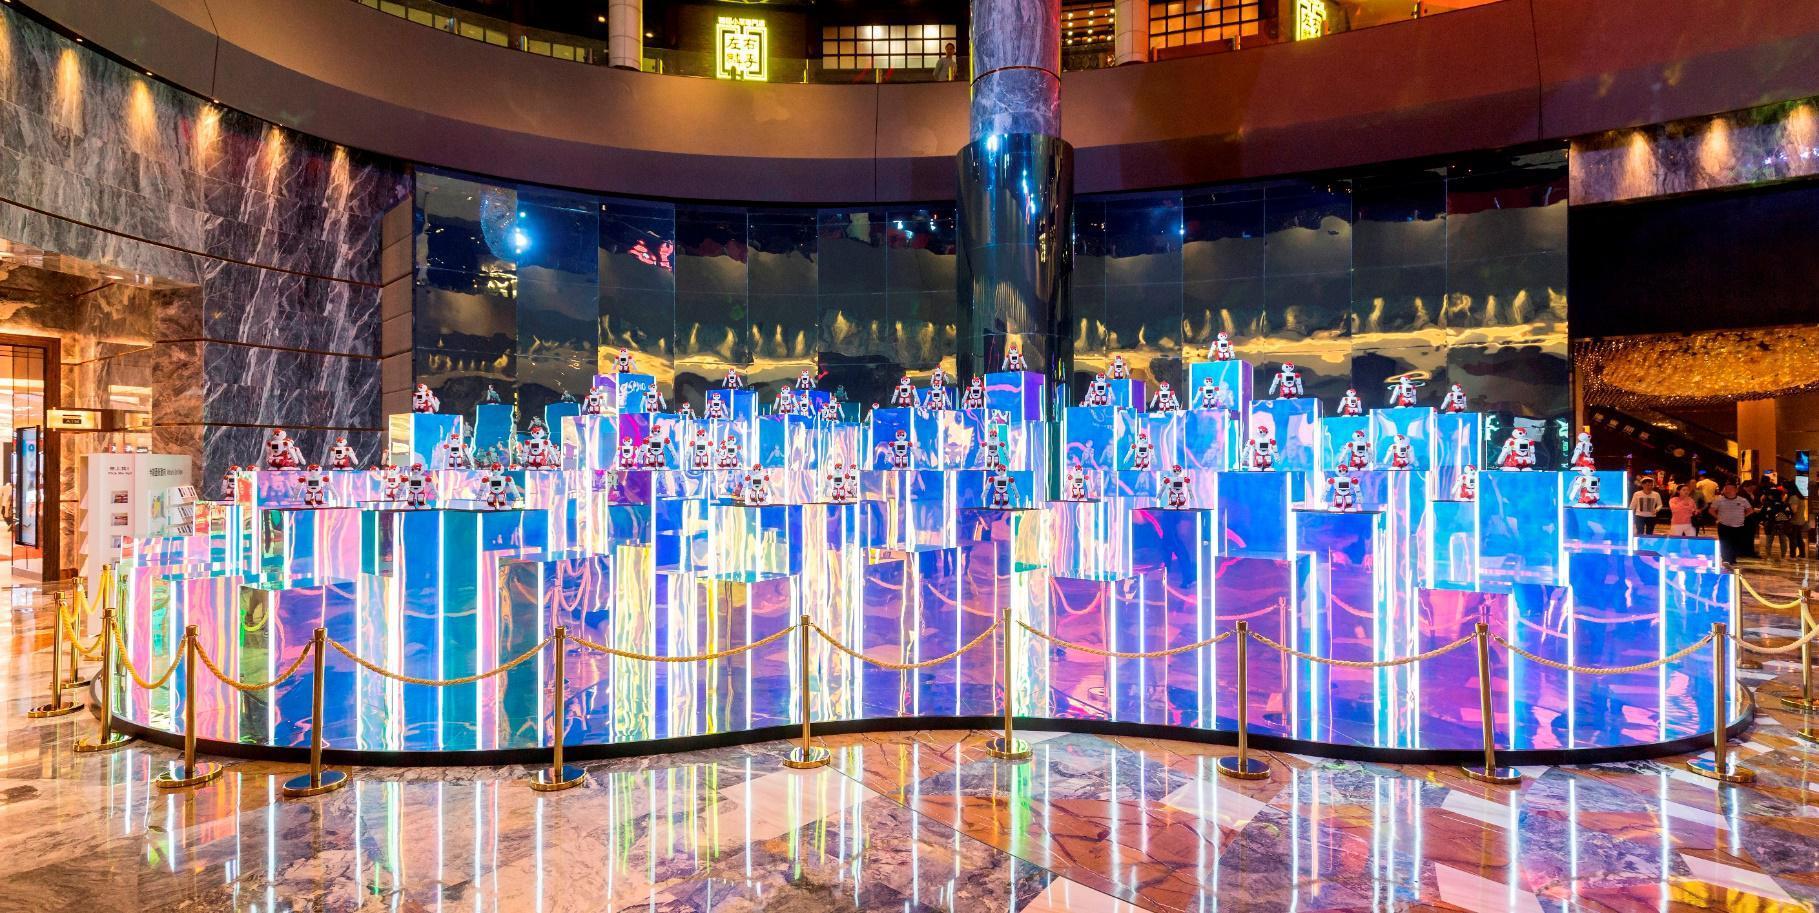 新濠天地隆重呈献「决胜机器人」大型装置展